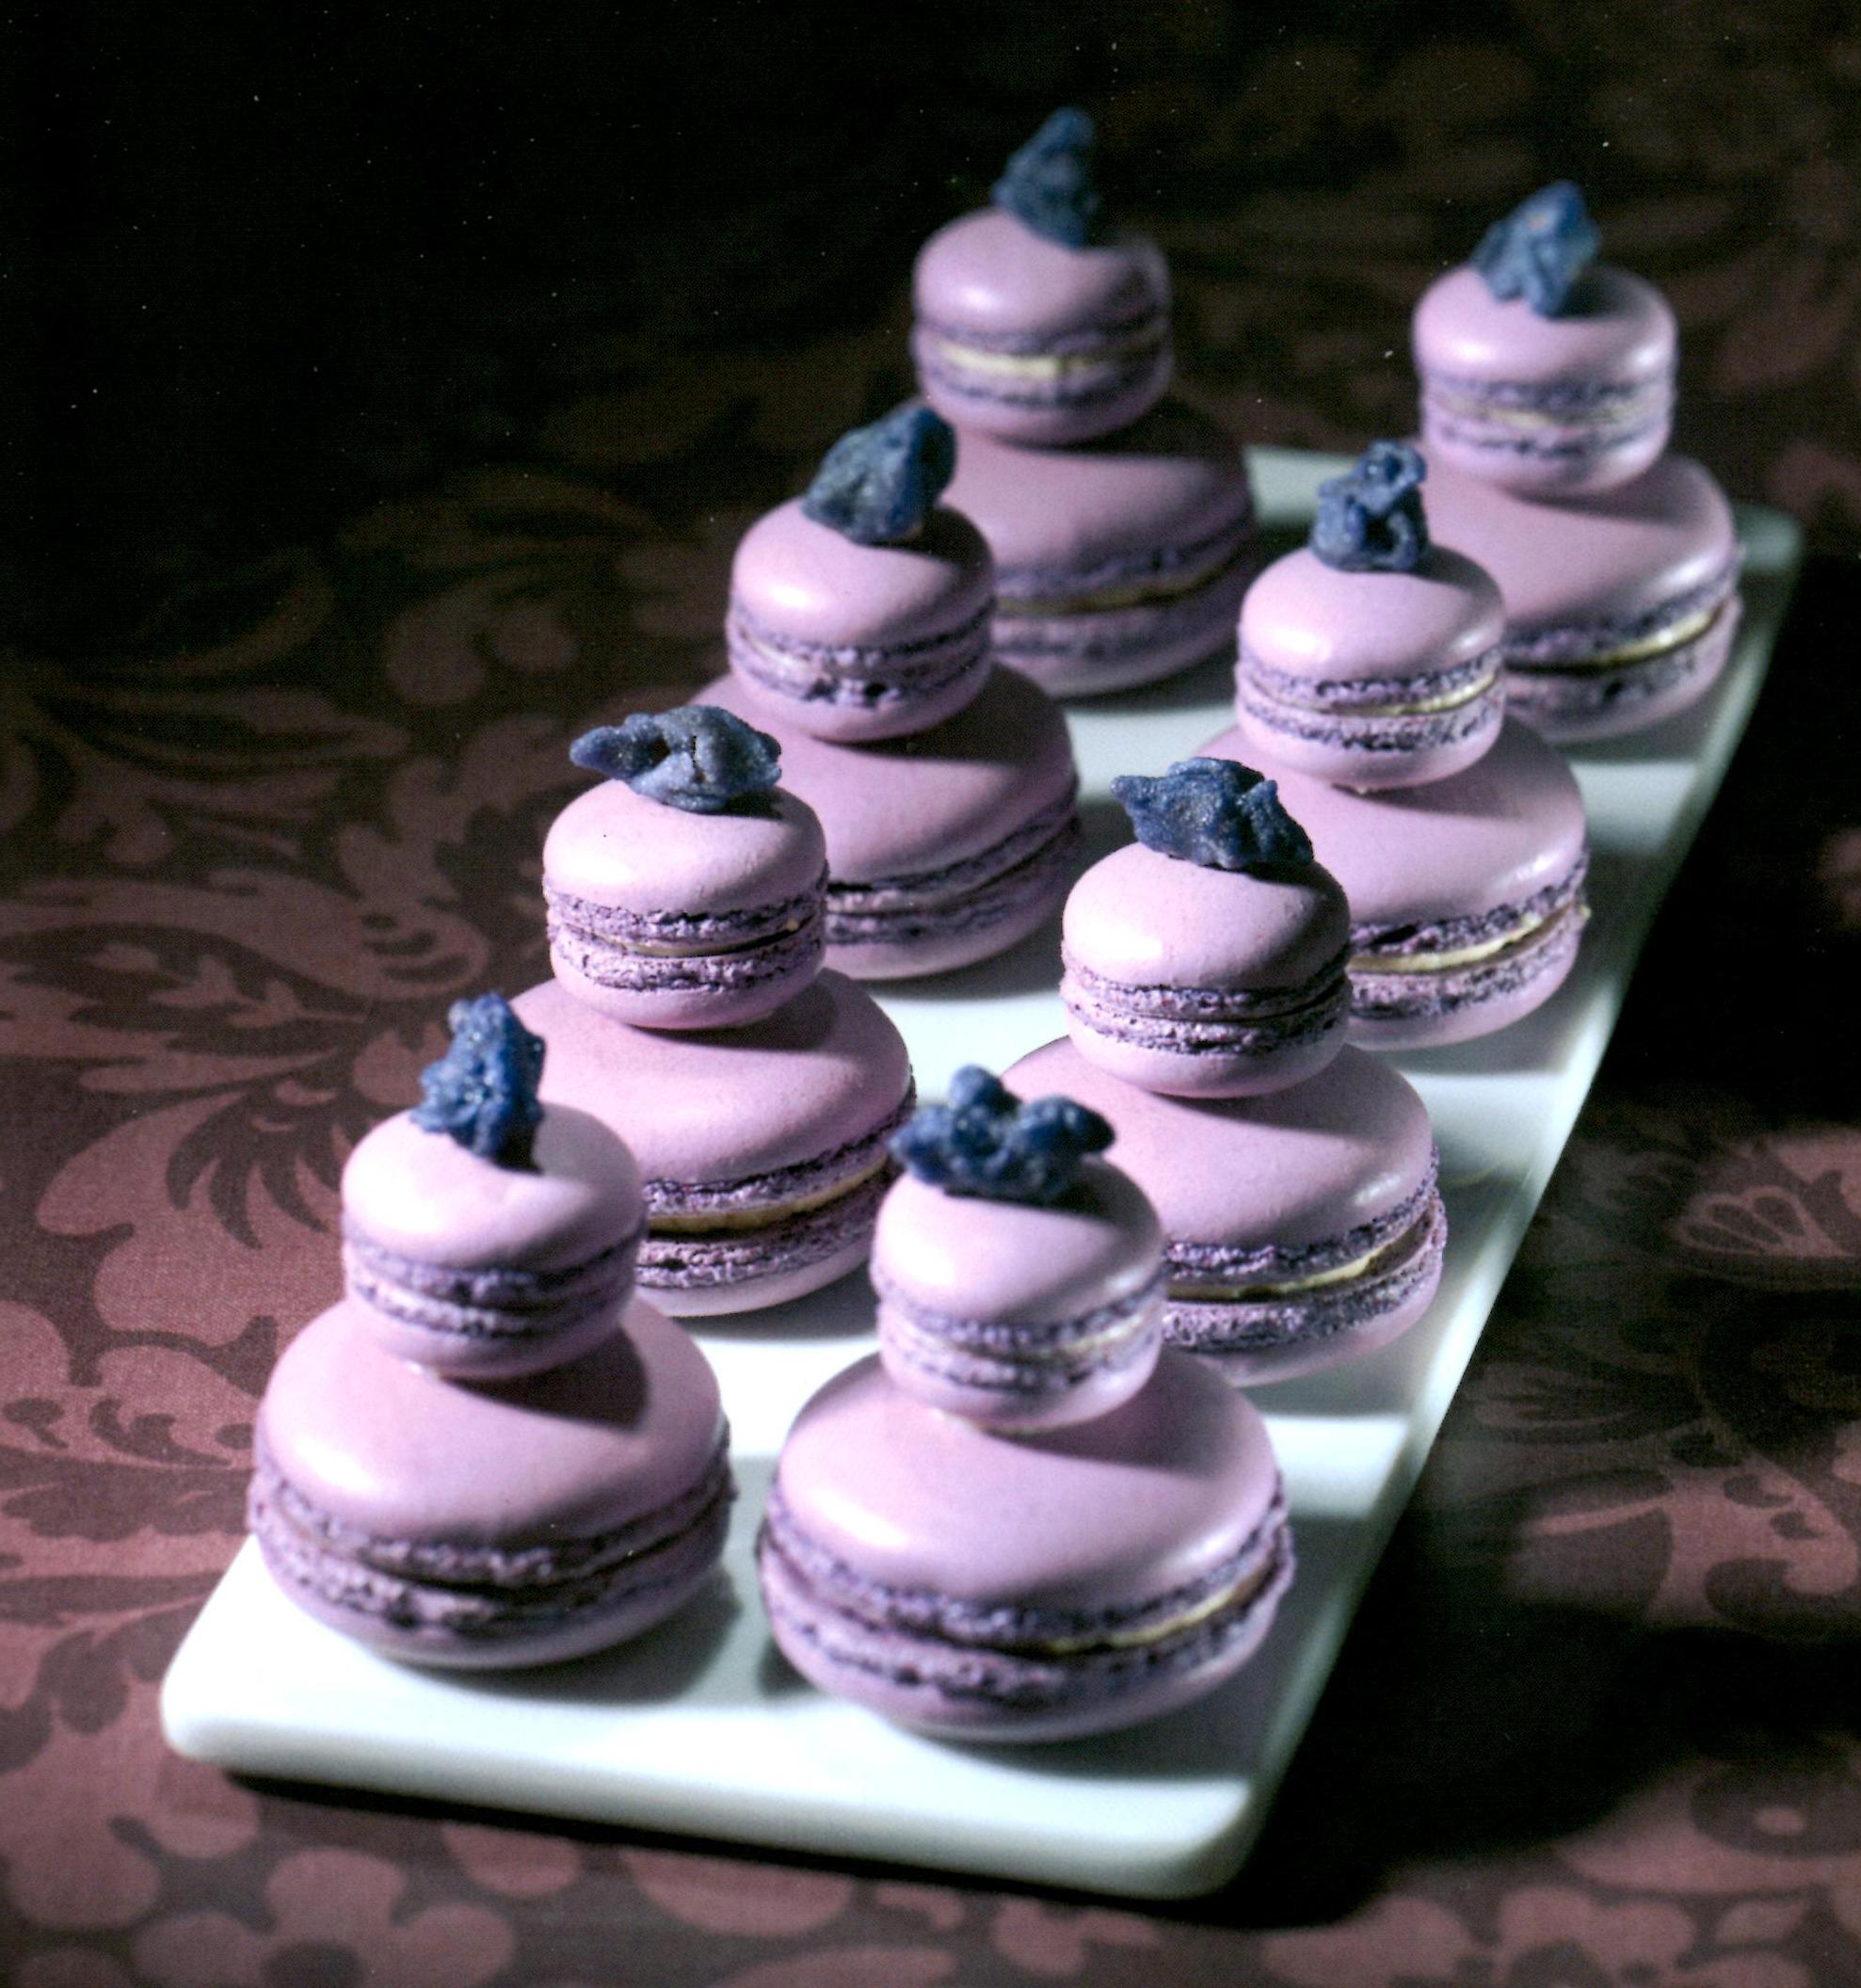 Les religieuses en macarons à la violette